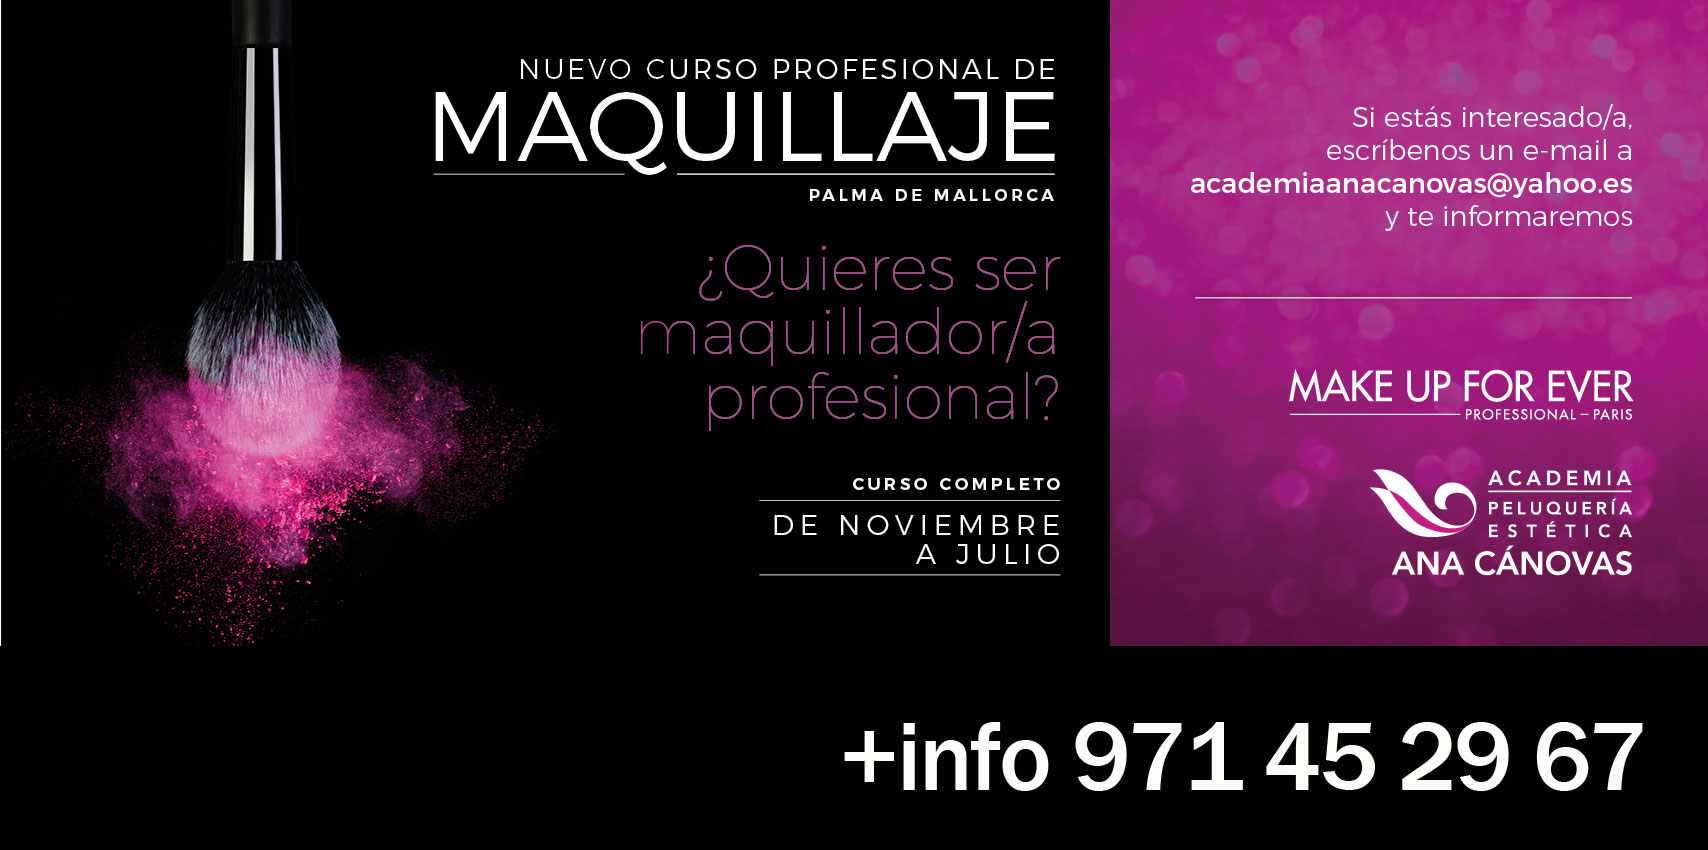 Curso Profesional de Maquilllaje en Palma de Mallorca